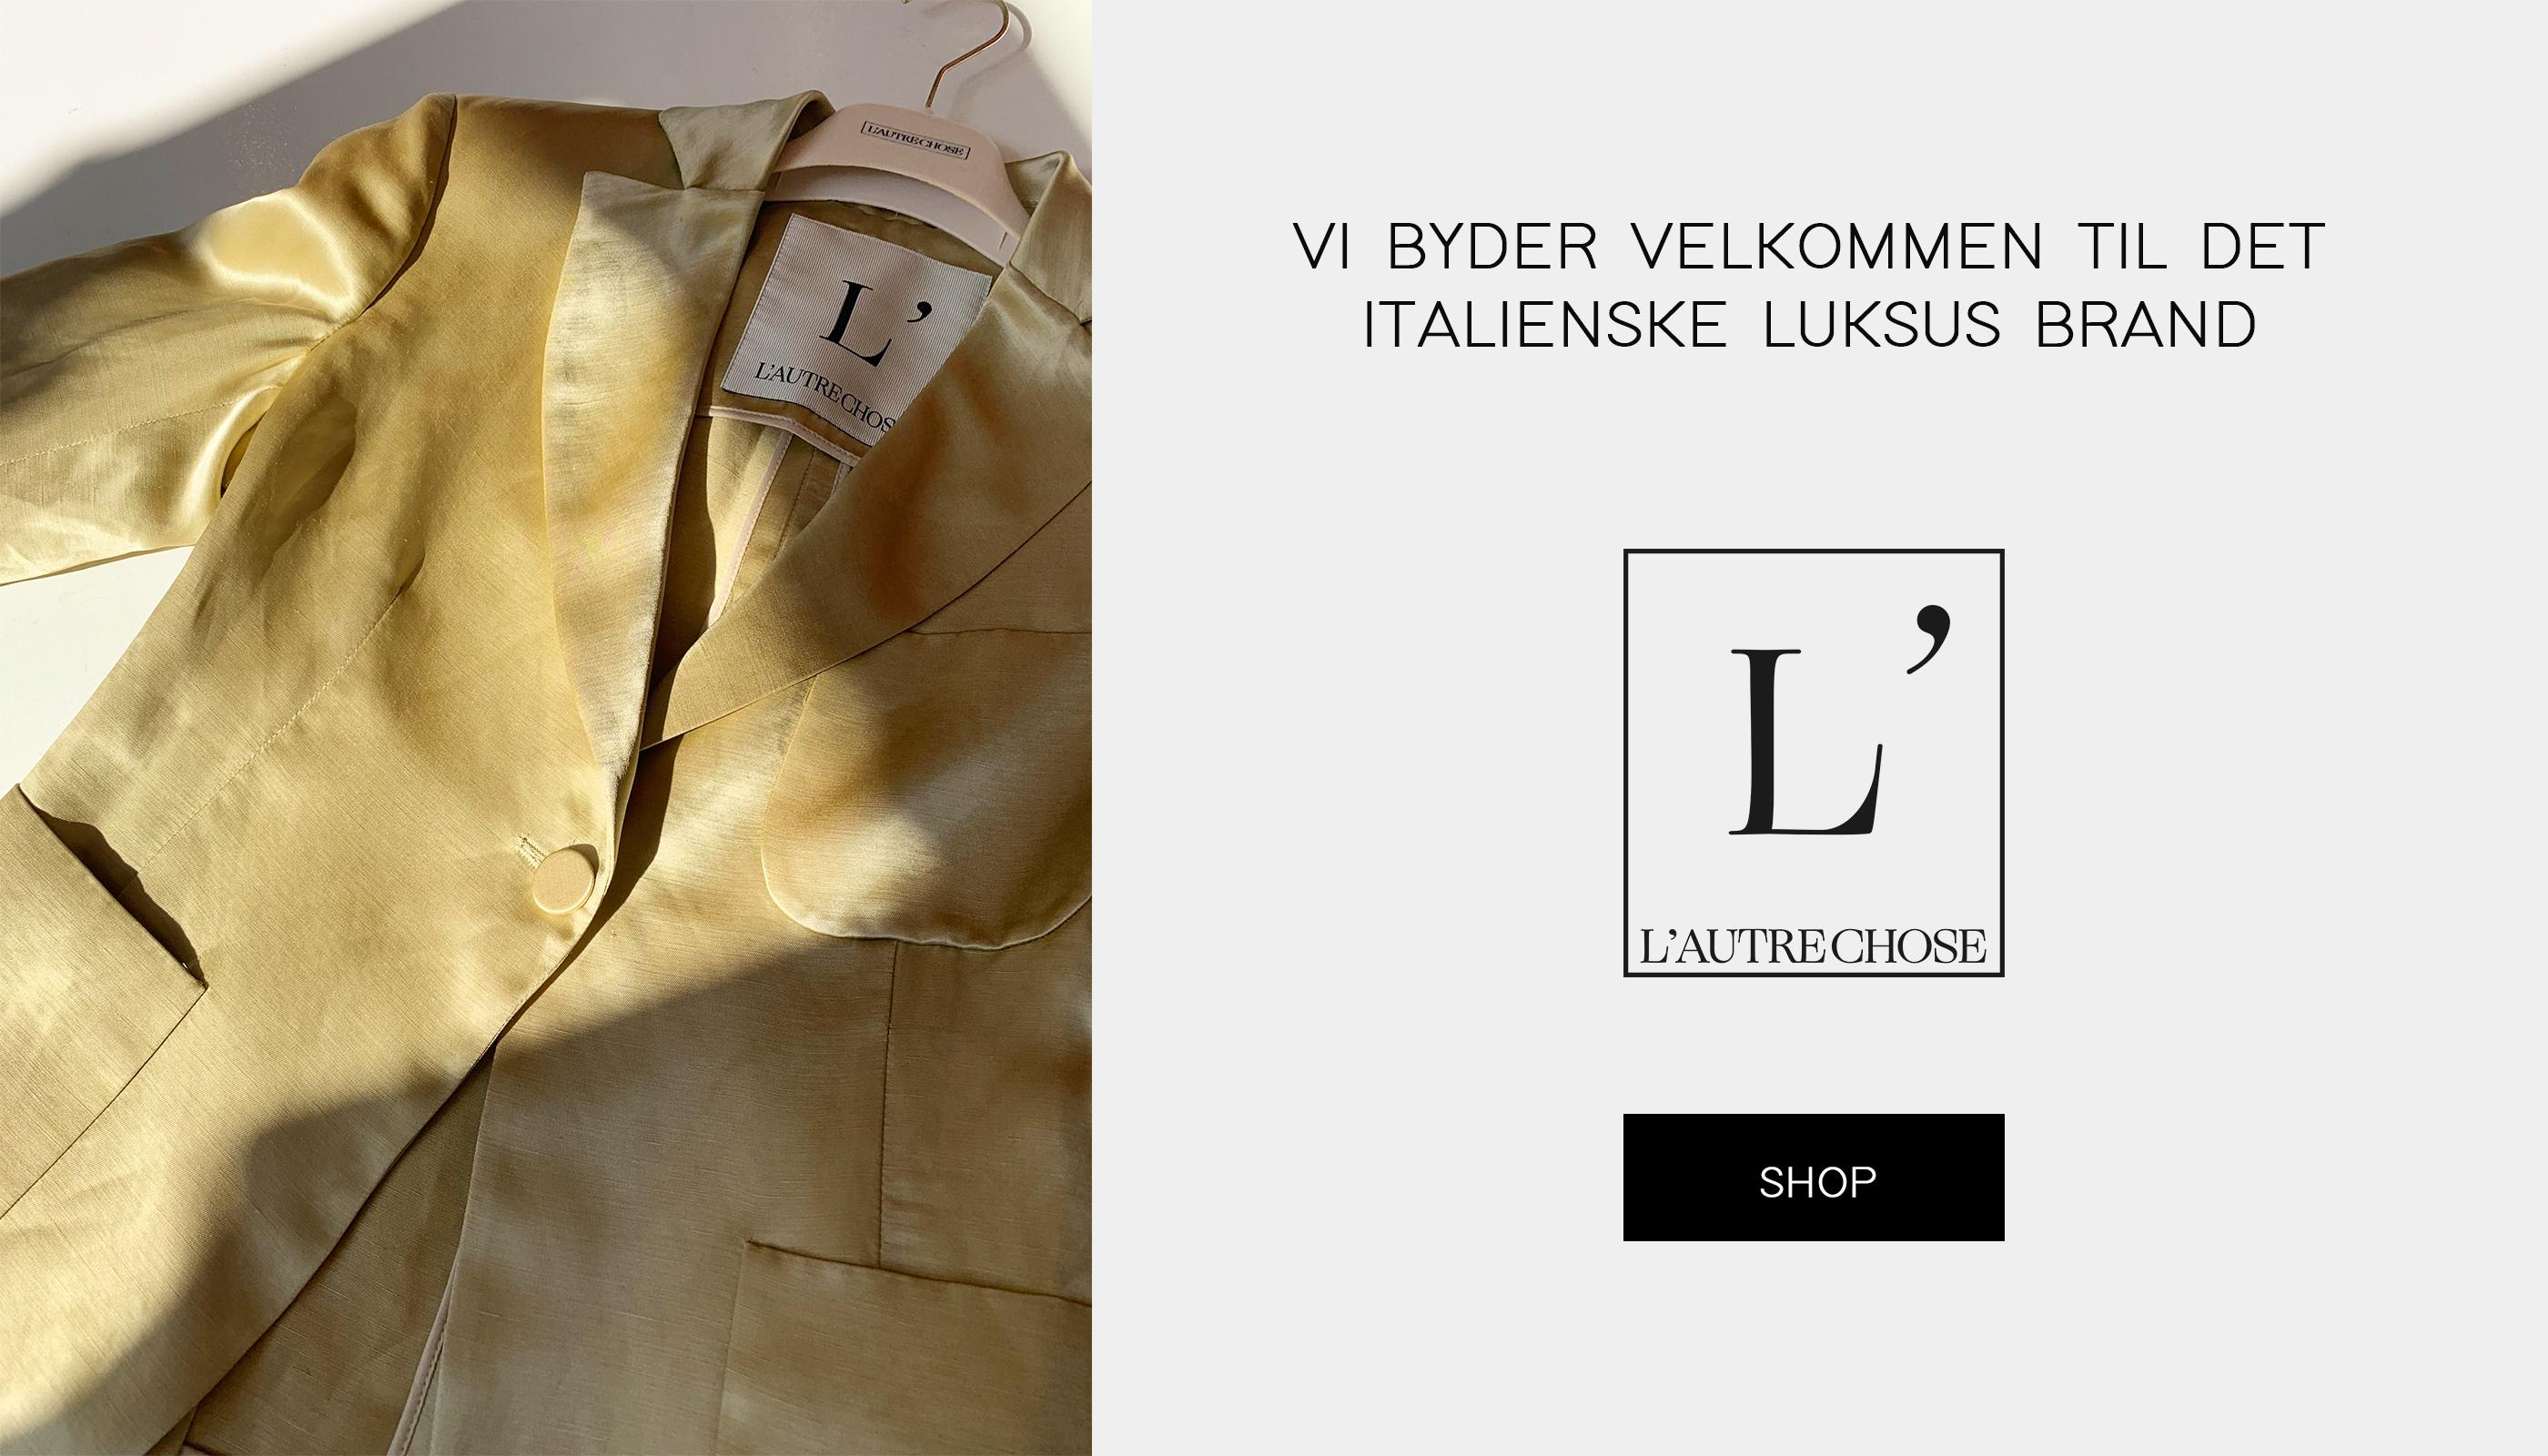 Apair Officiel Webshop | Shop Designer Tøj & Sko Online